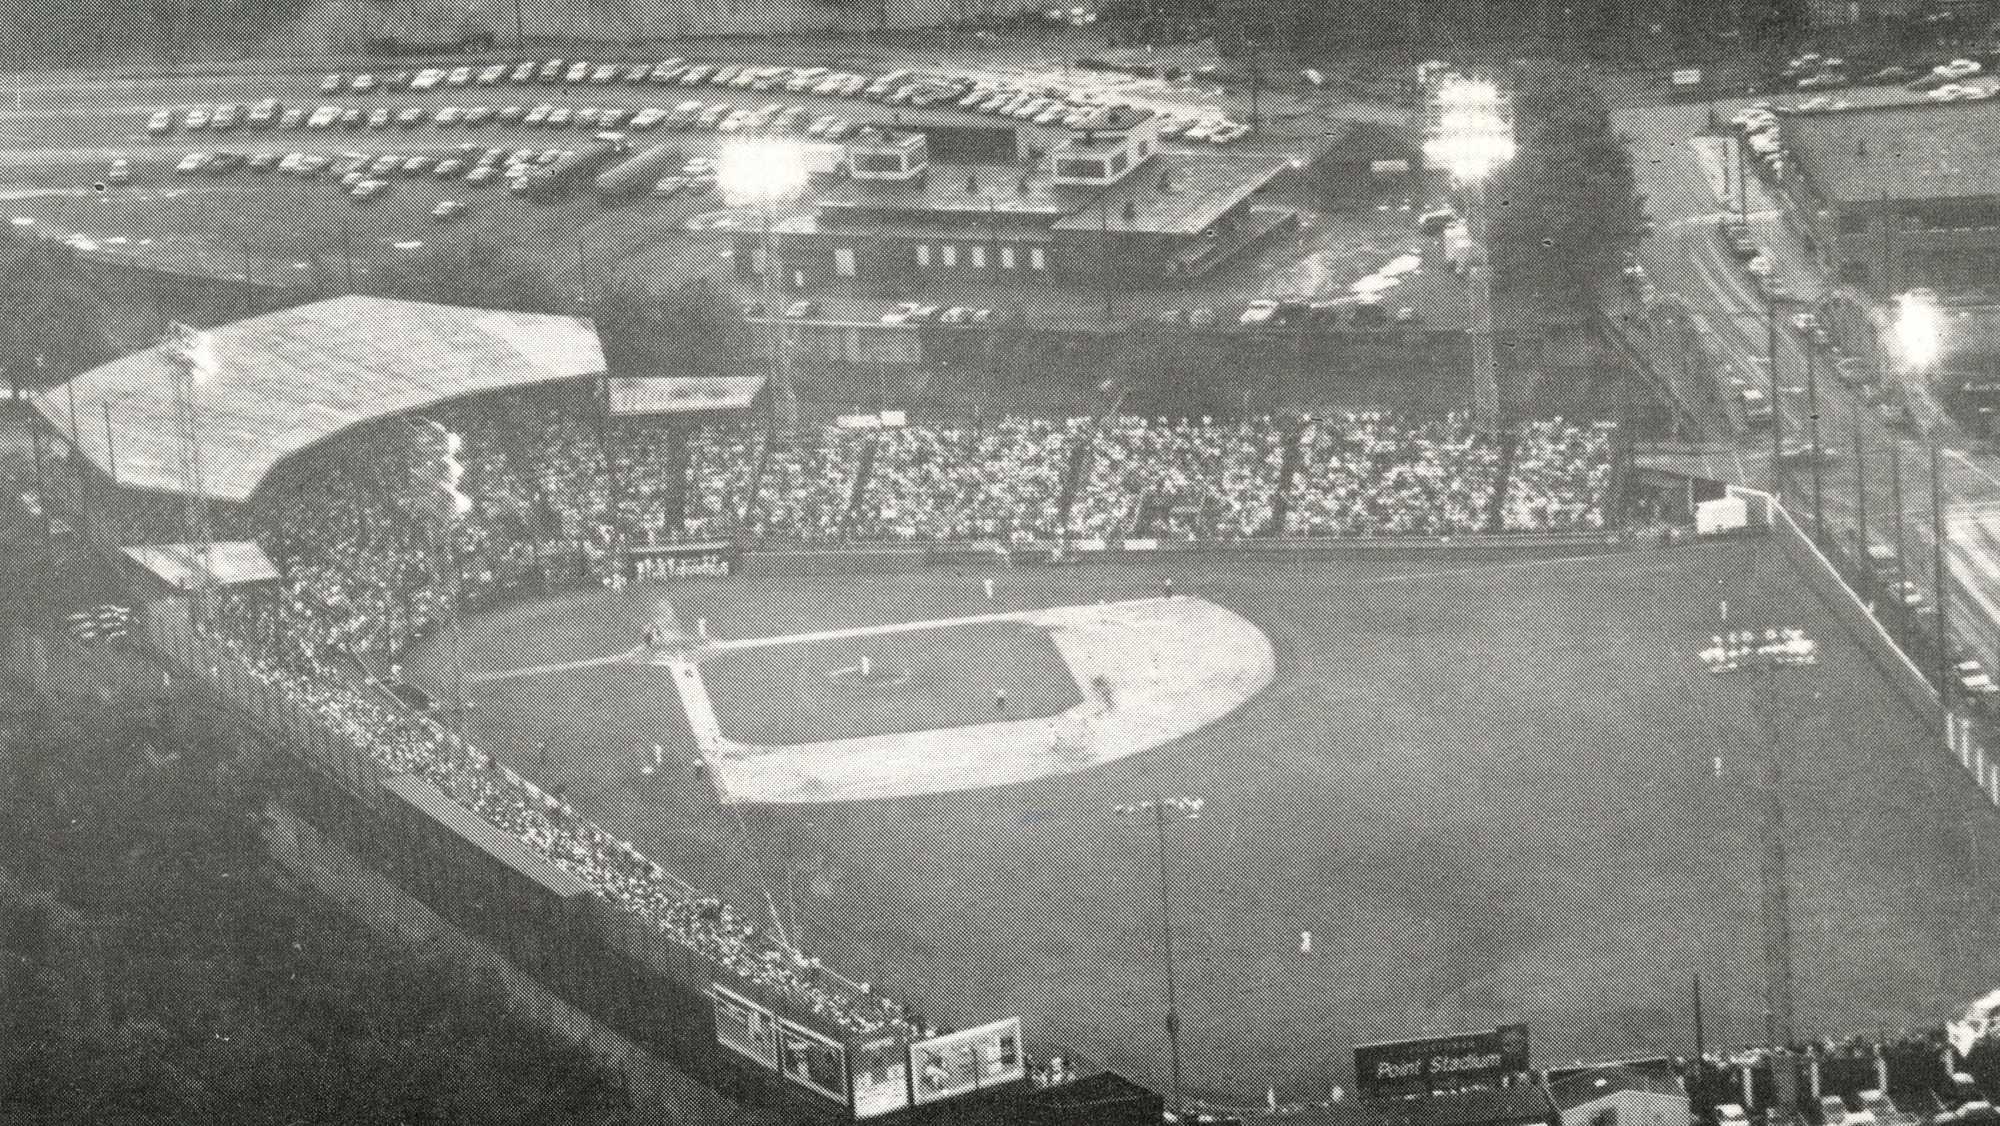 City Of Altoona >> Point Stadium | AAABA